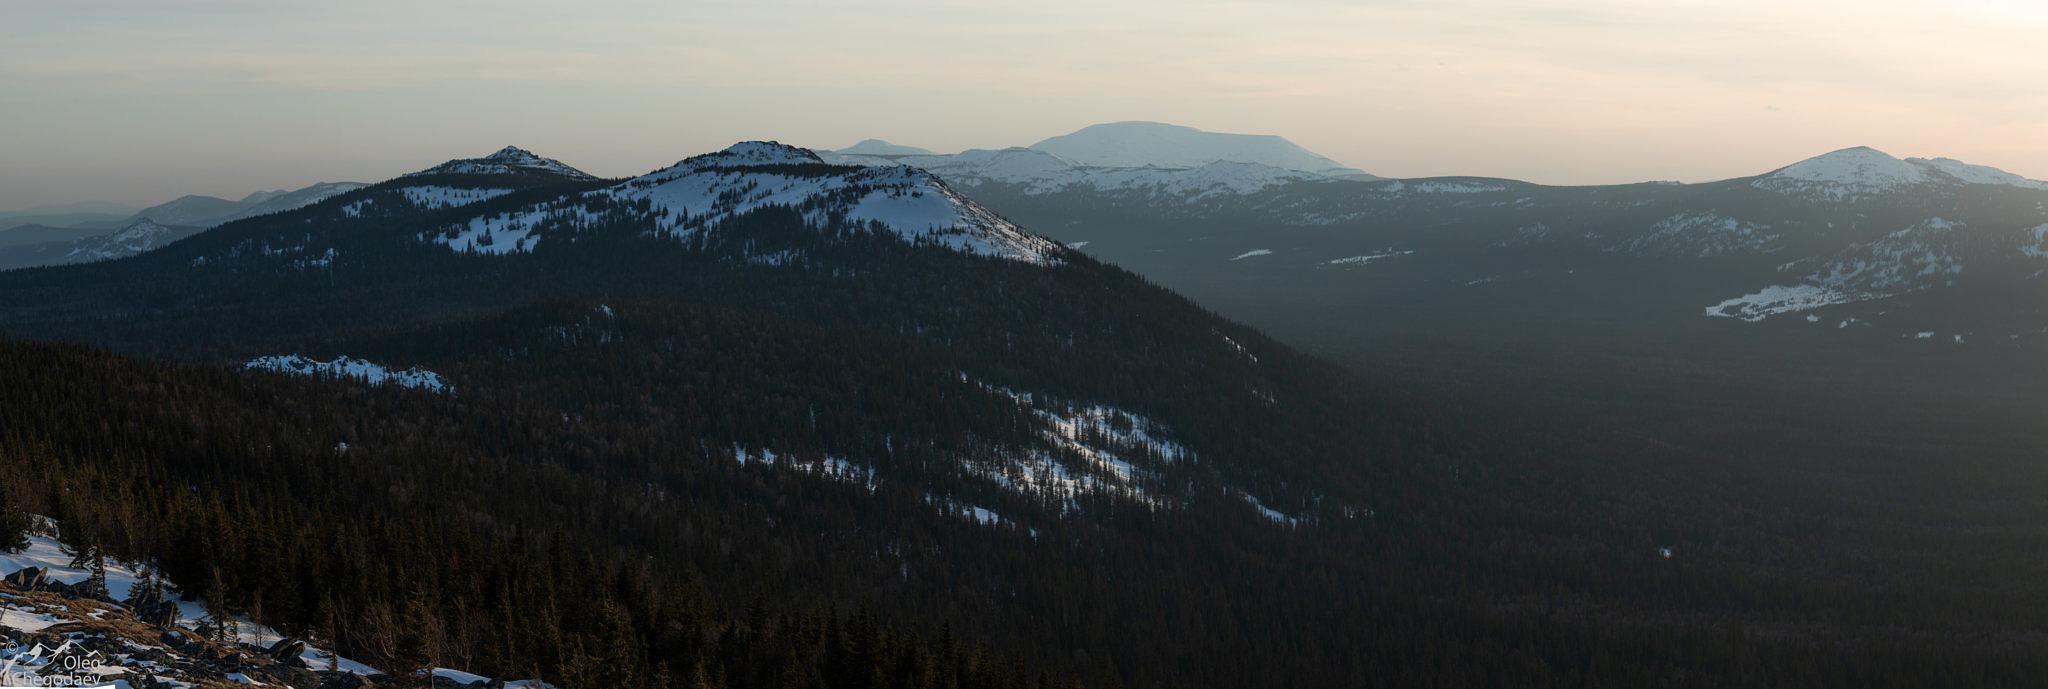 Вид на ямантау, хр. Машак и долину реки Юрюзань